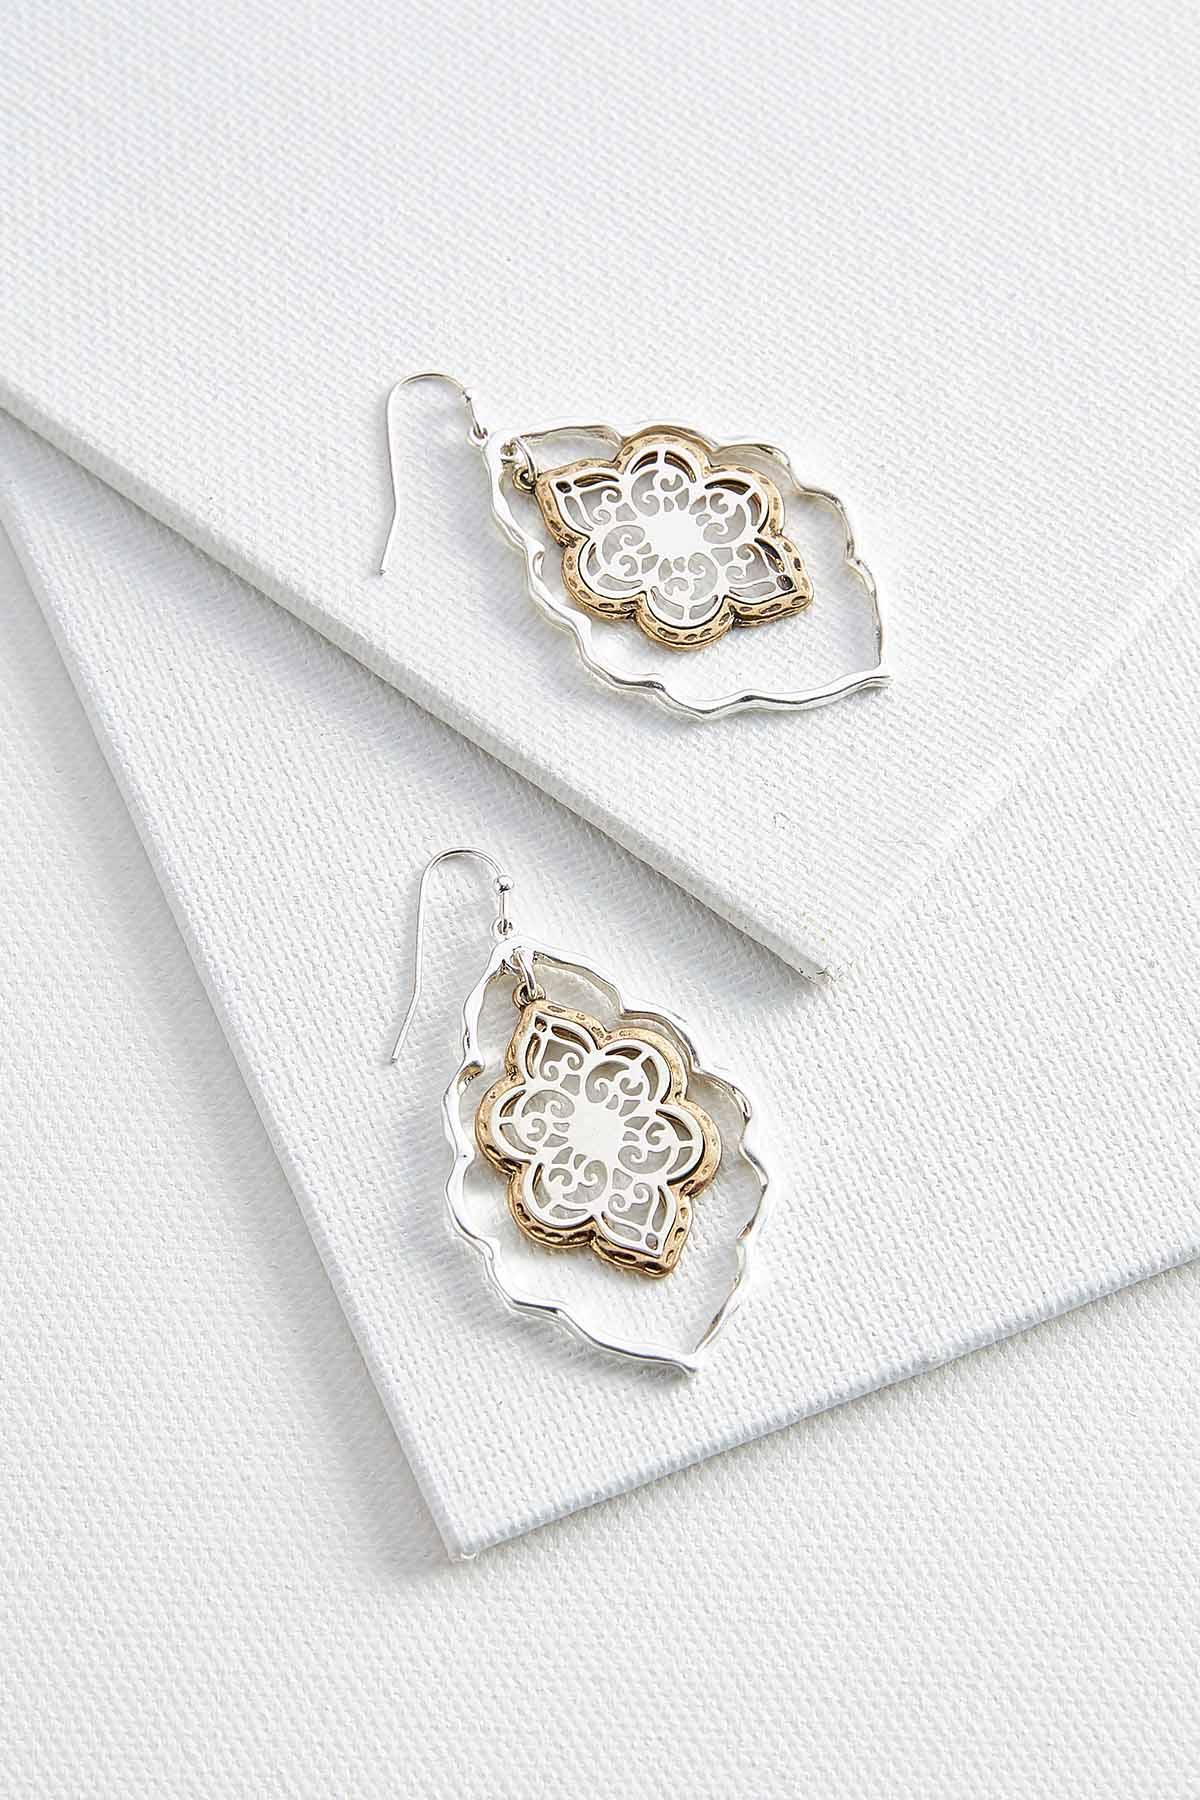 Two- Toned Flower Earrings